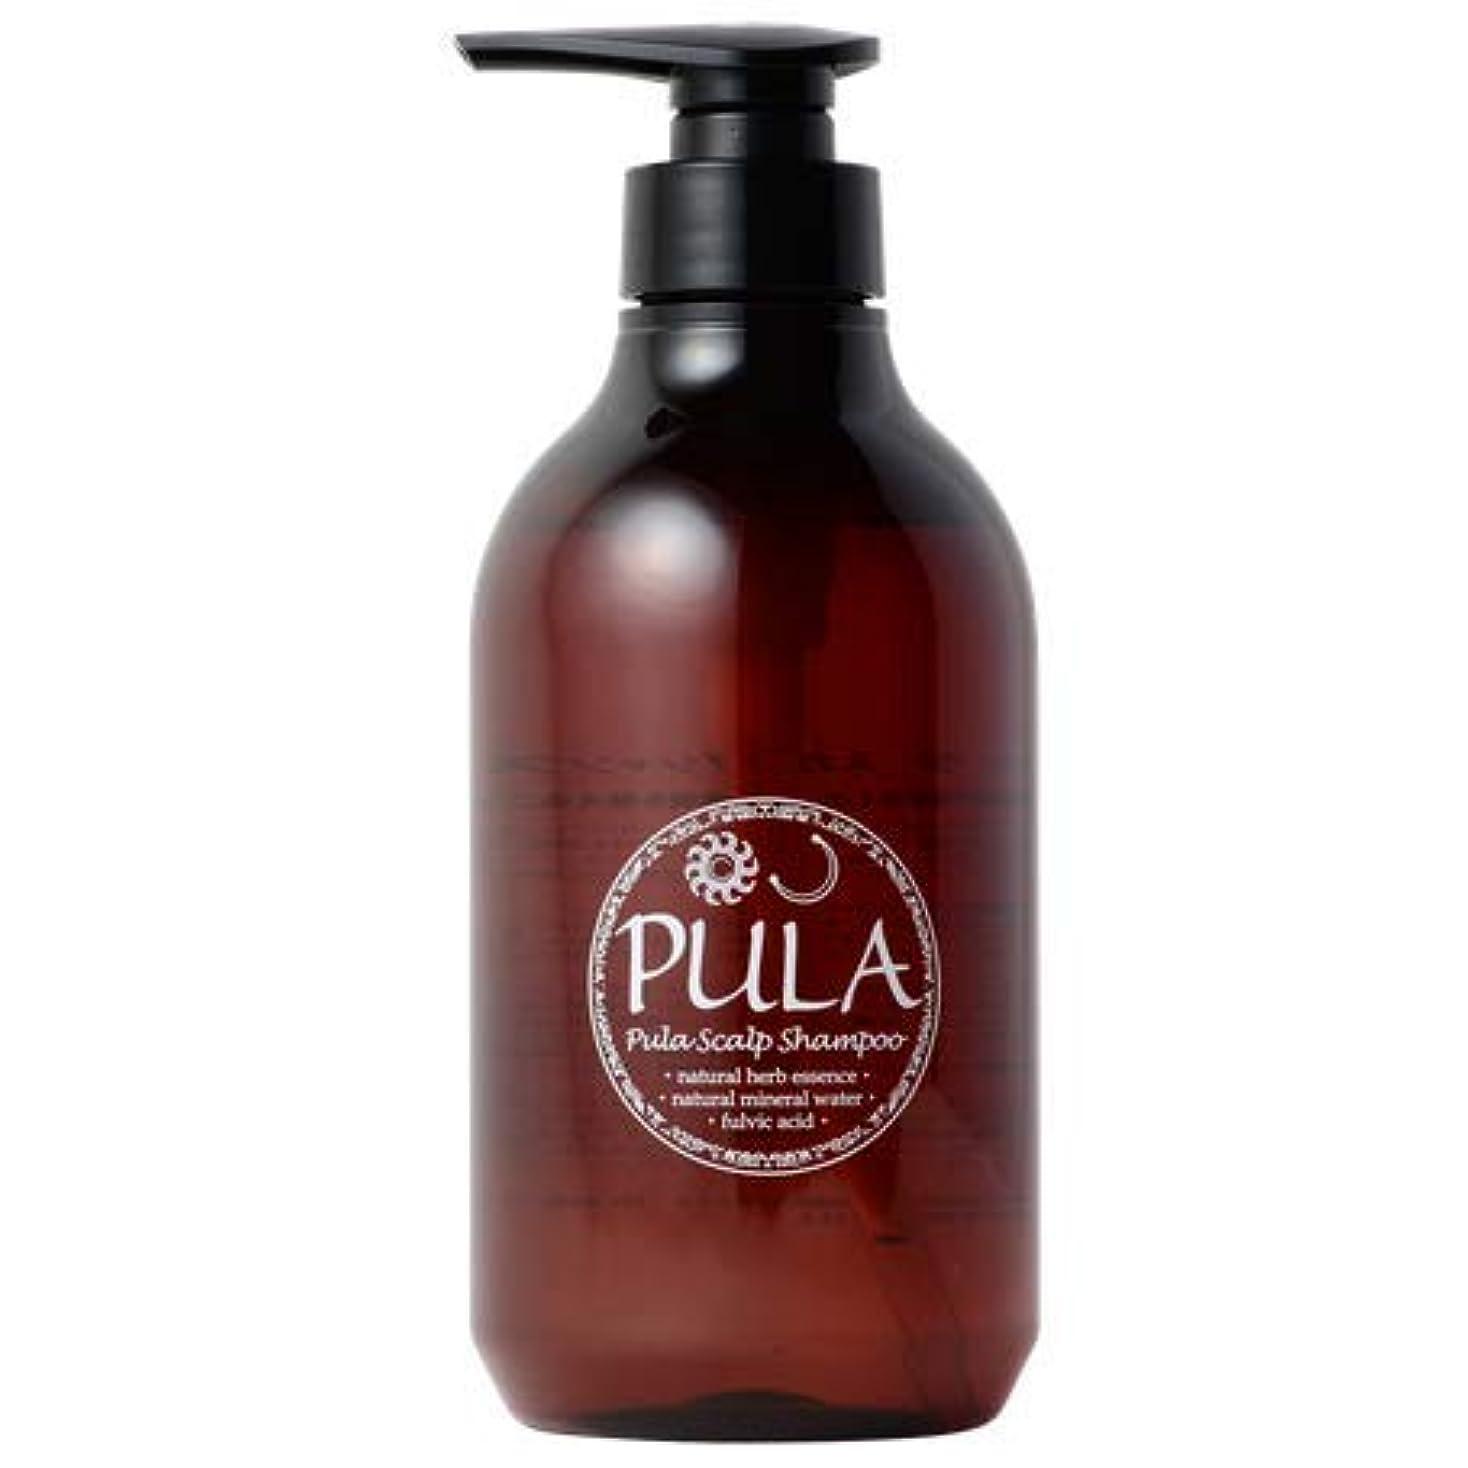 気難しいあえてブルームプーラ スカルプ シャンプー 500ml 【 天然フレグランス/頭皮に優しい 】 ヘッドスパ専門店 PULA 自然由来配合